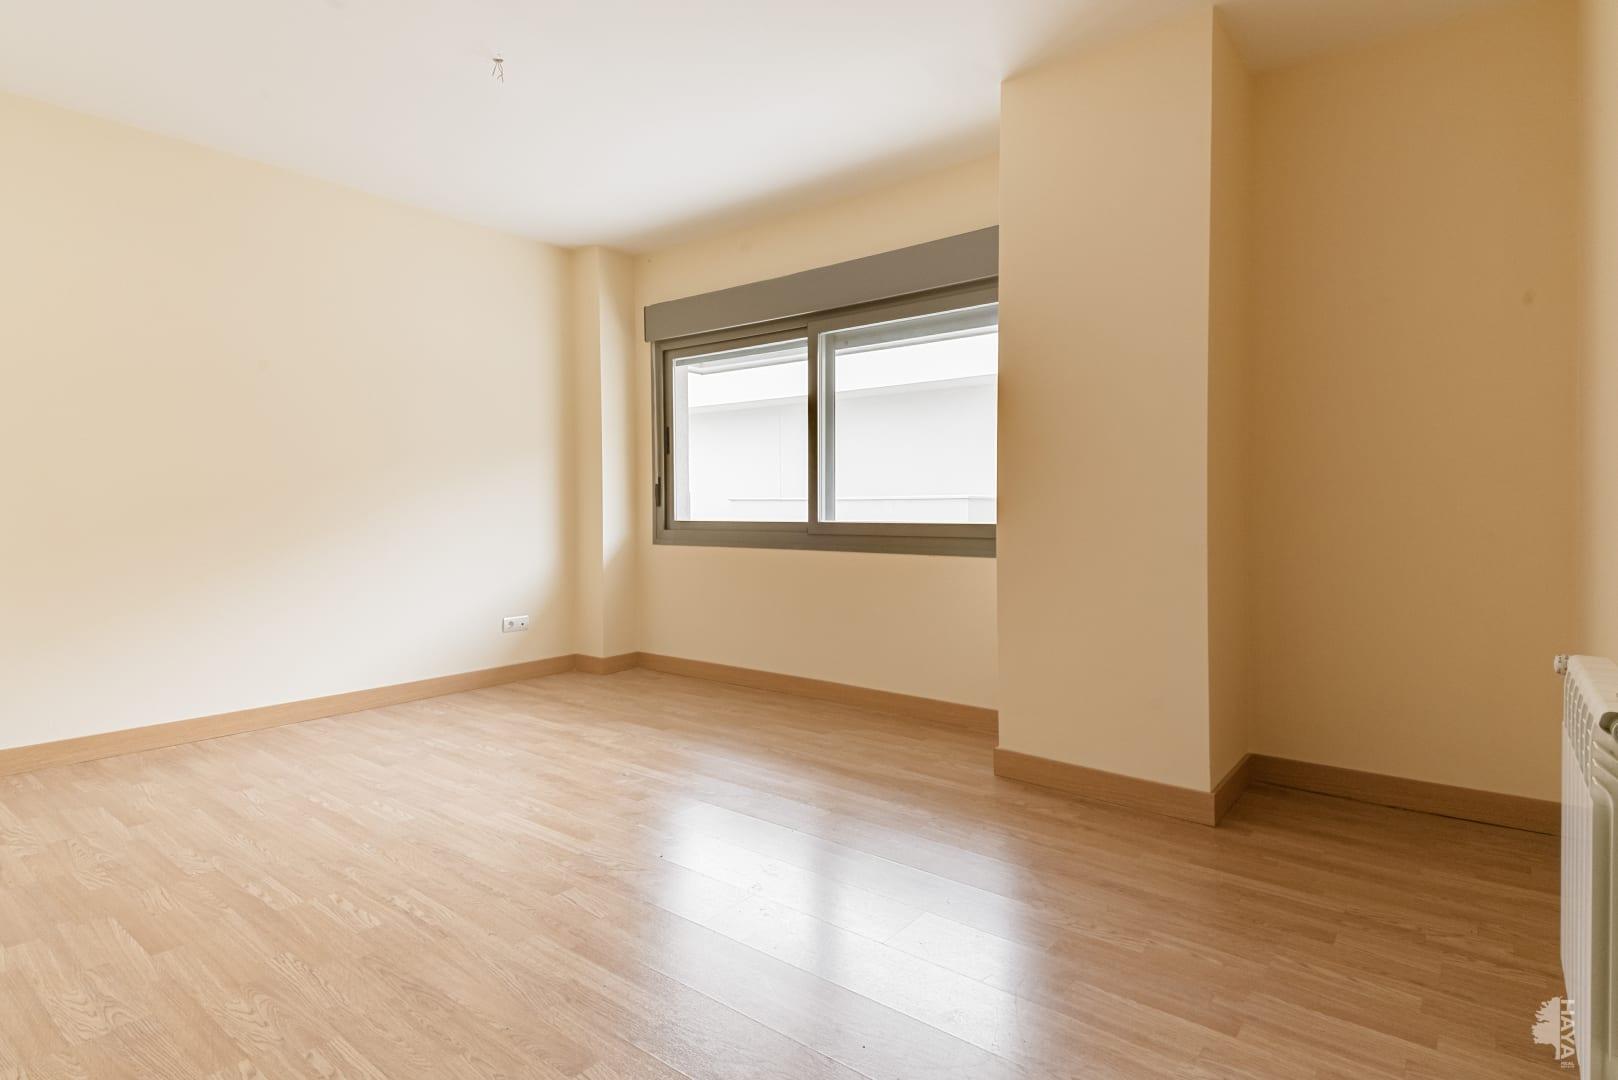 Piso en venta en Navalcarnero, Madrid, Calle Pino Canario, 154.000 €, 3 habitaciones, 2 baños, 127 m2